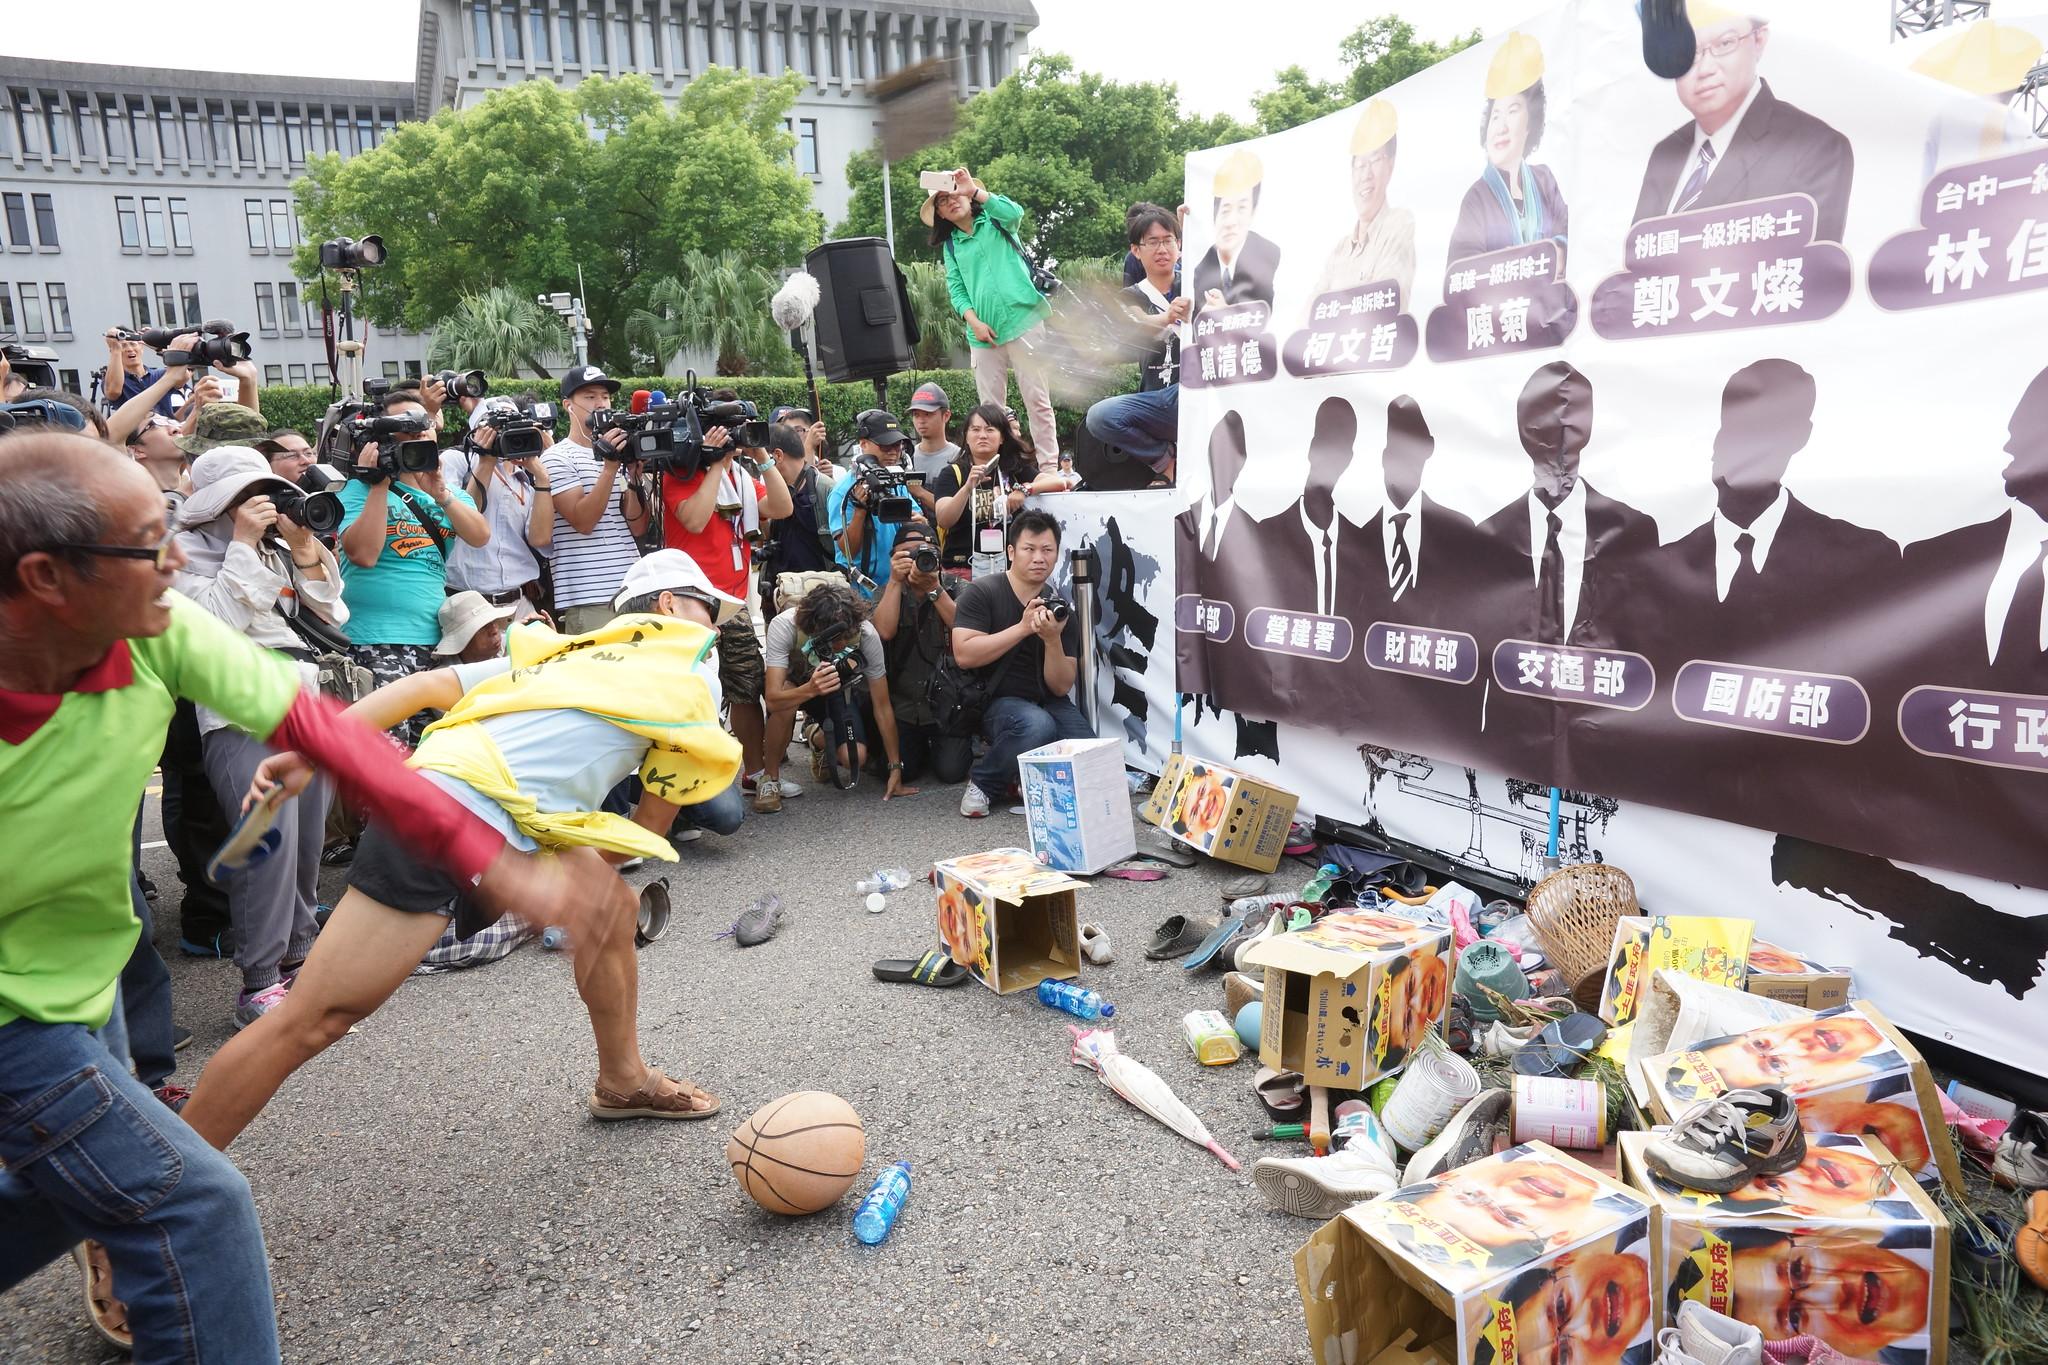 自救會將「被拆毀的家當」砸向六都及中央部會,宣示全國受迫遷者團結,反抗強拆。(攝影:王顥中)